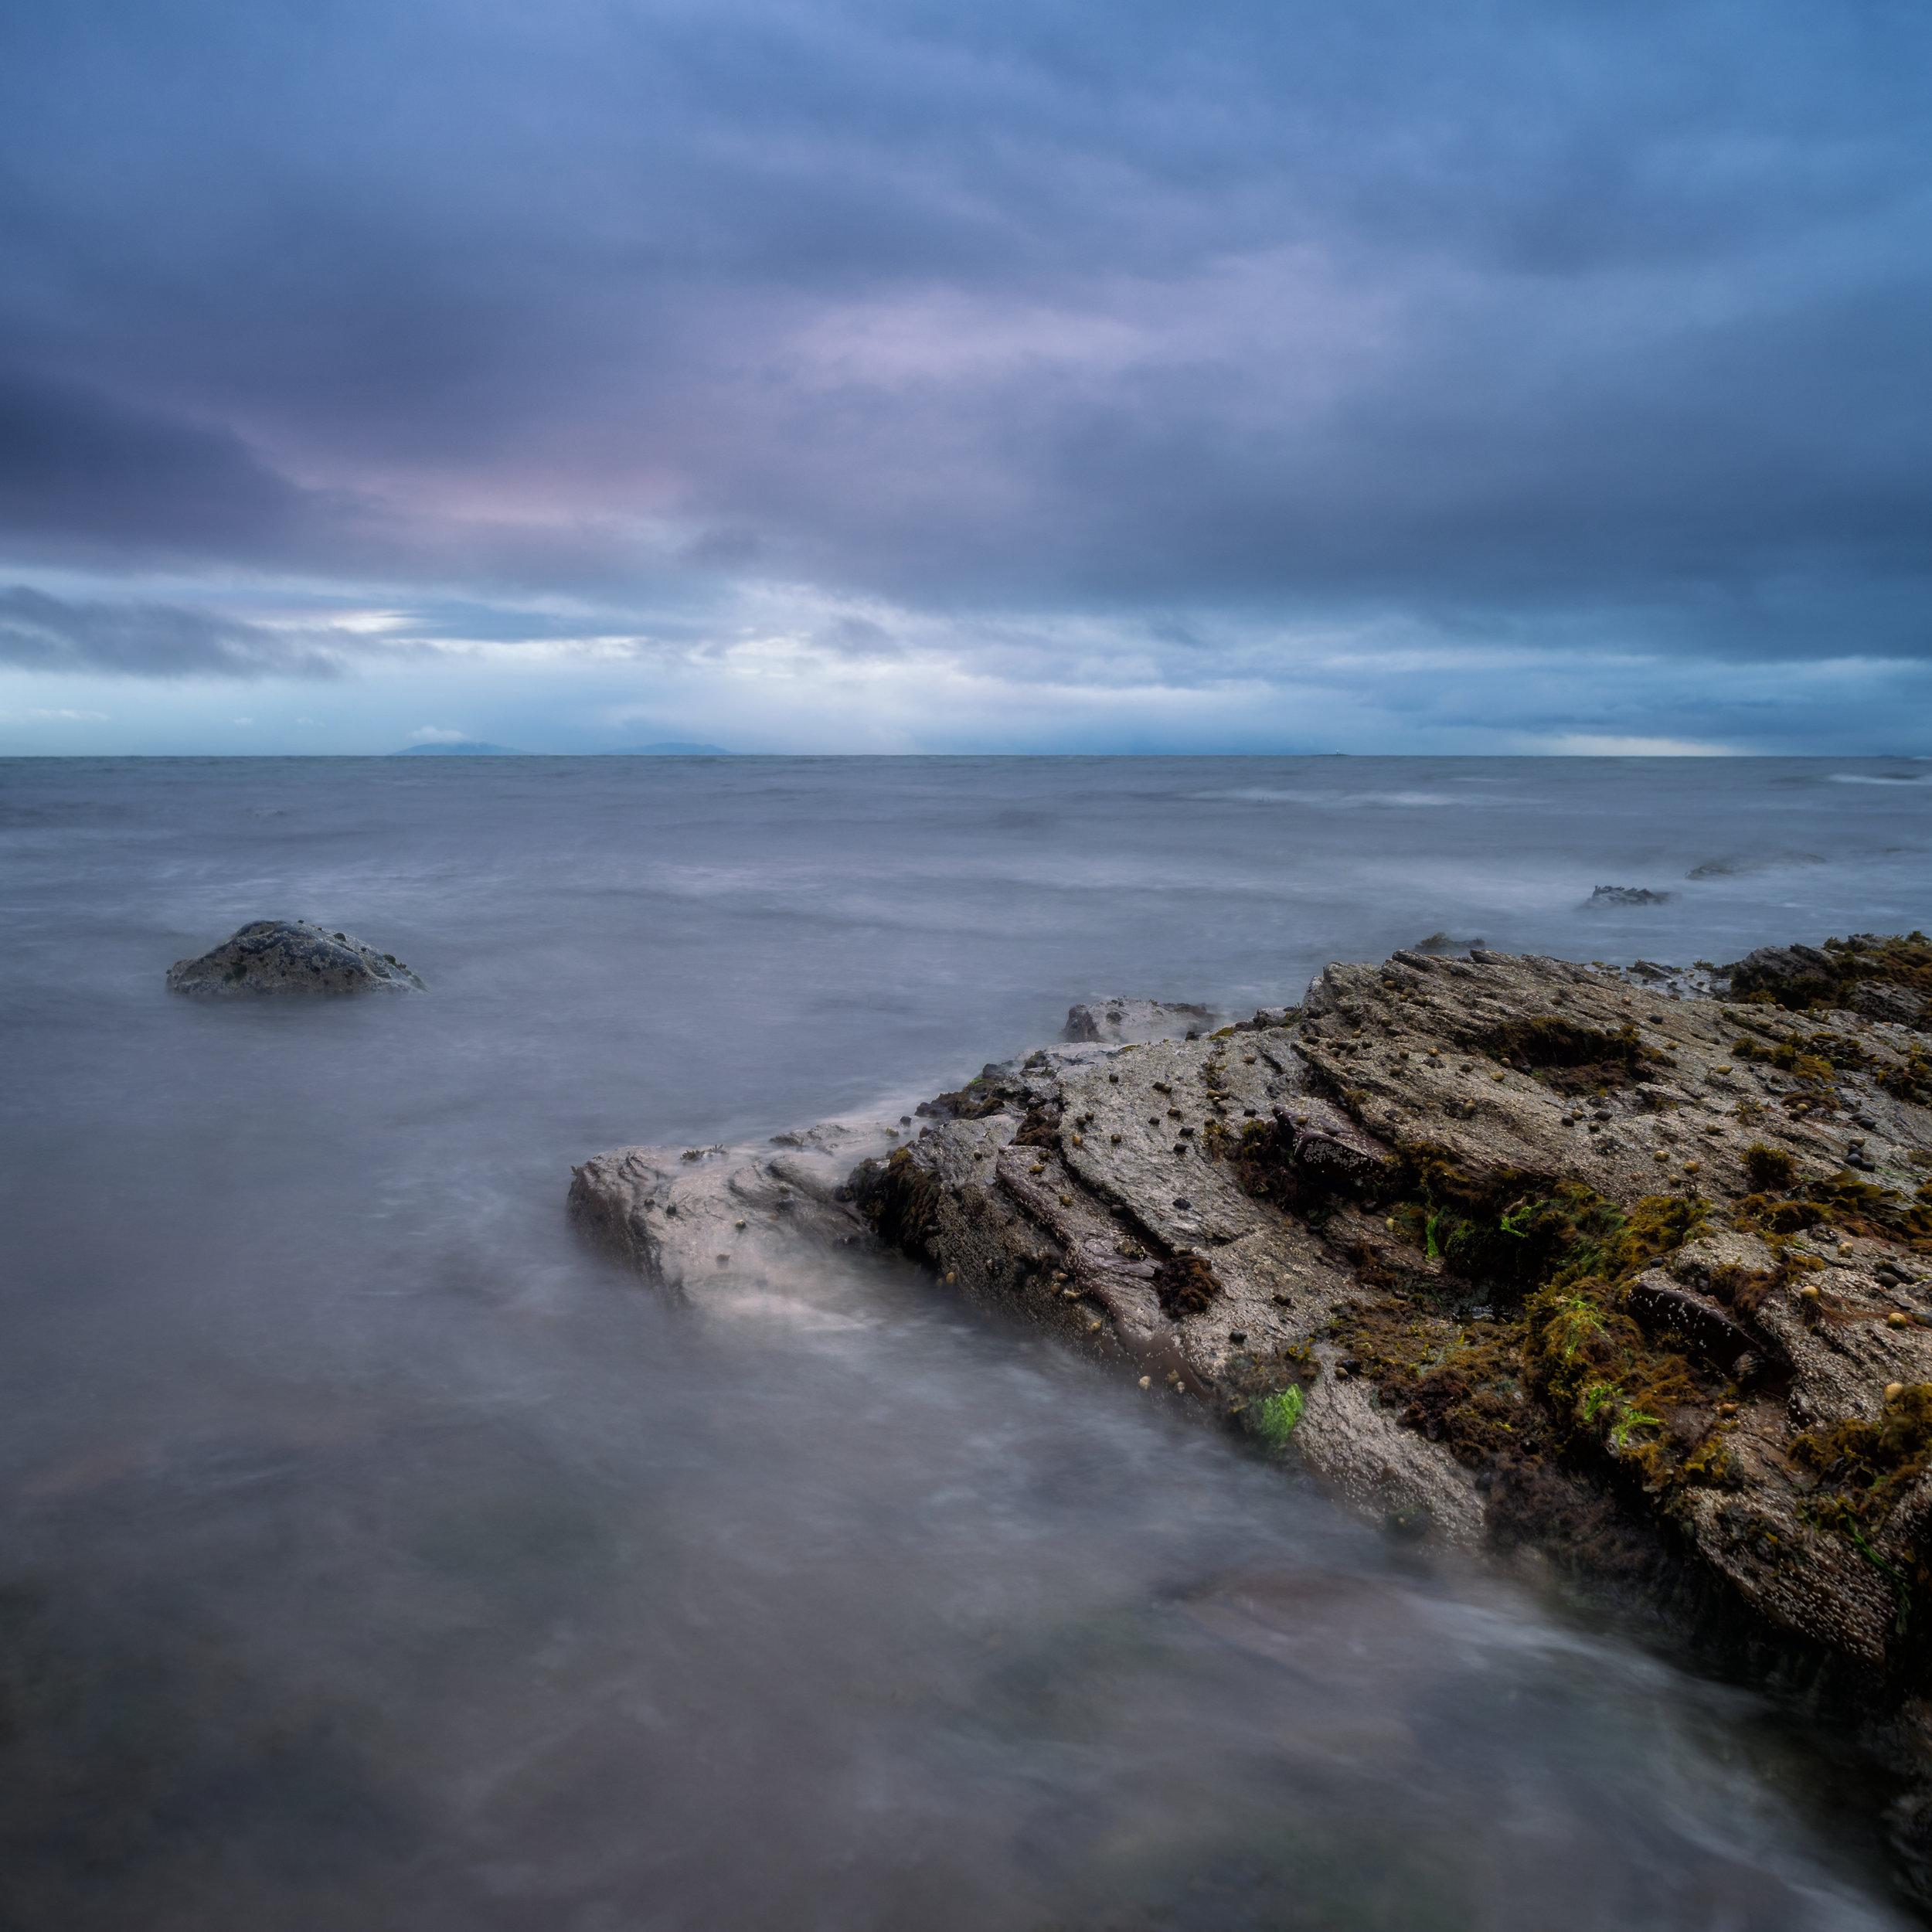 'An Evolving Horizon'